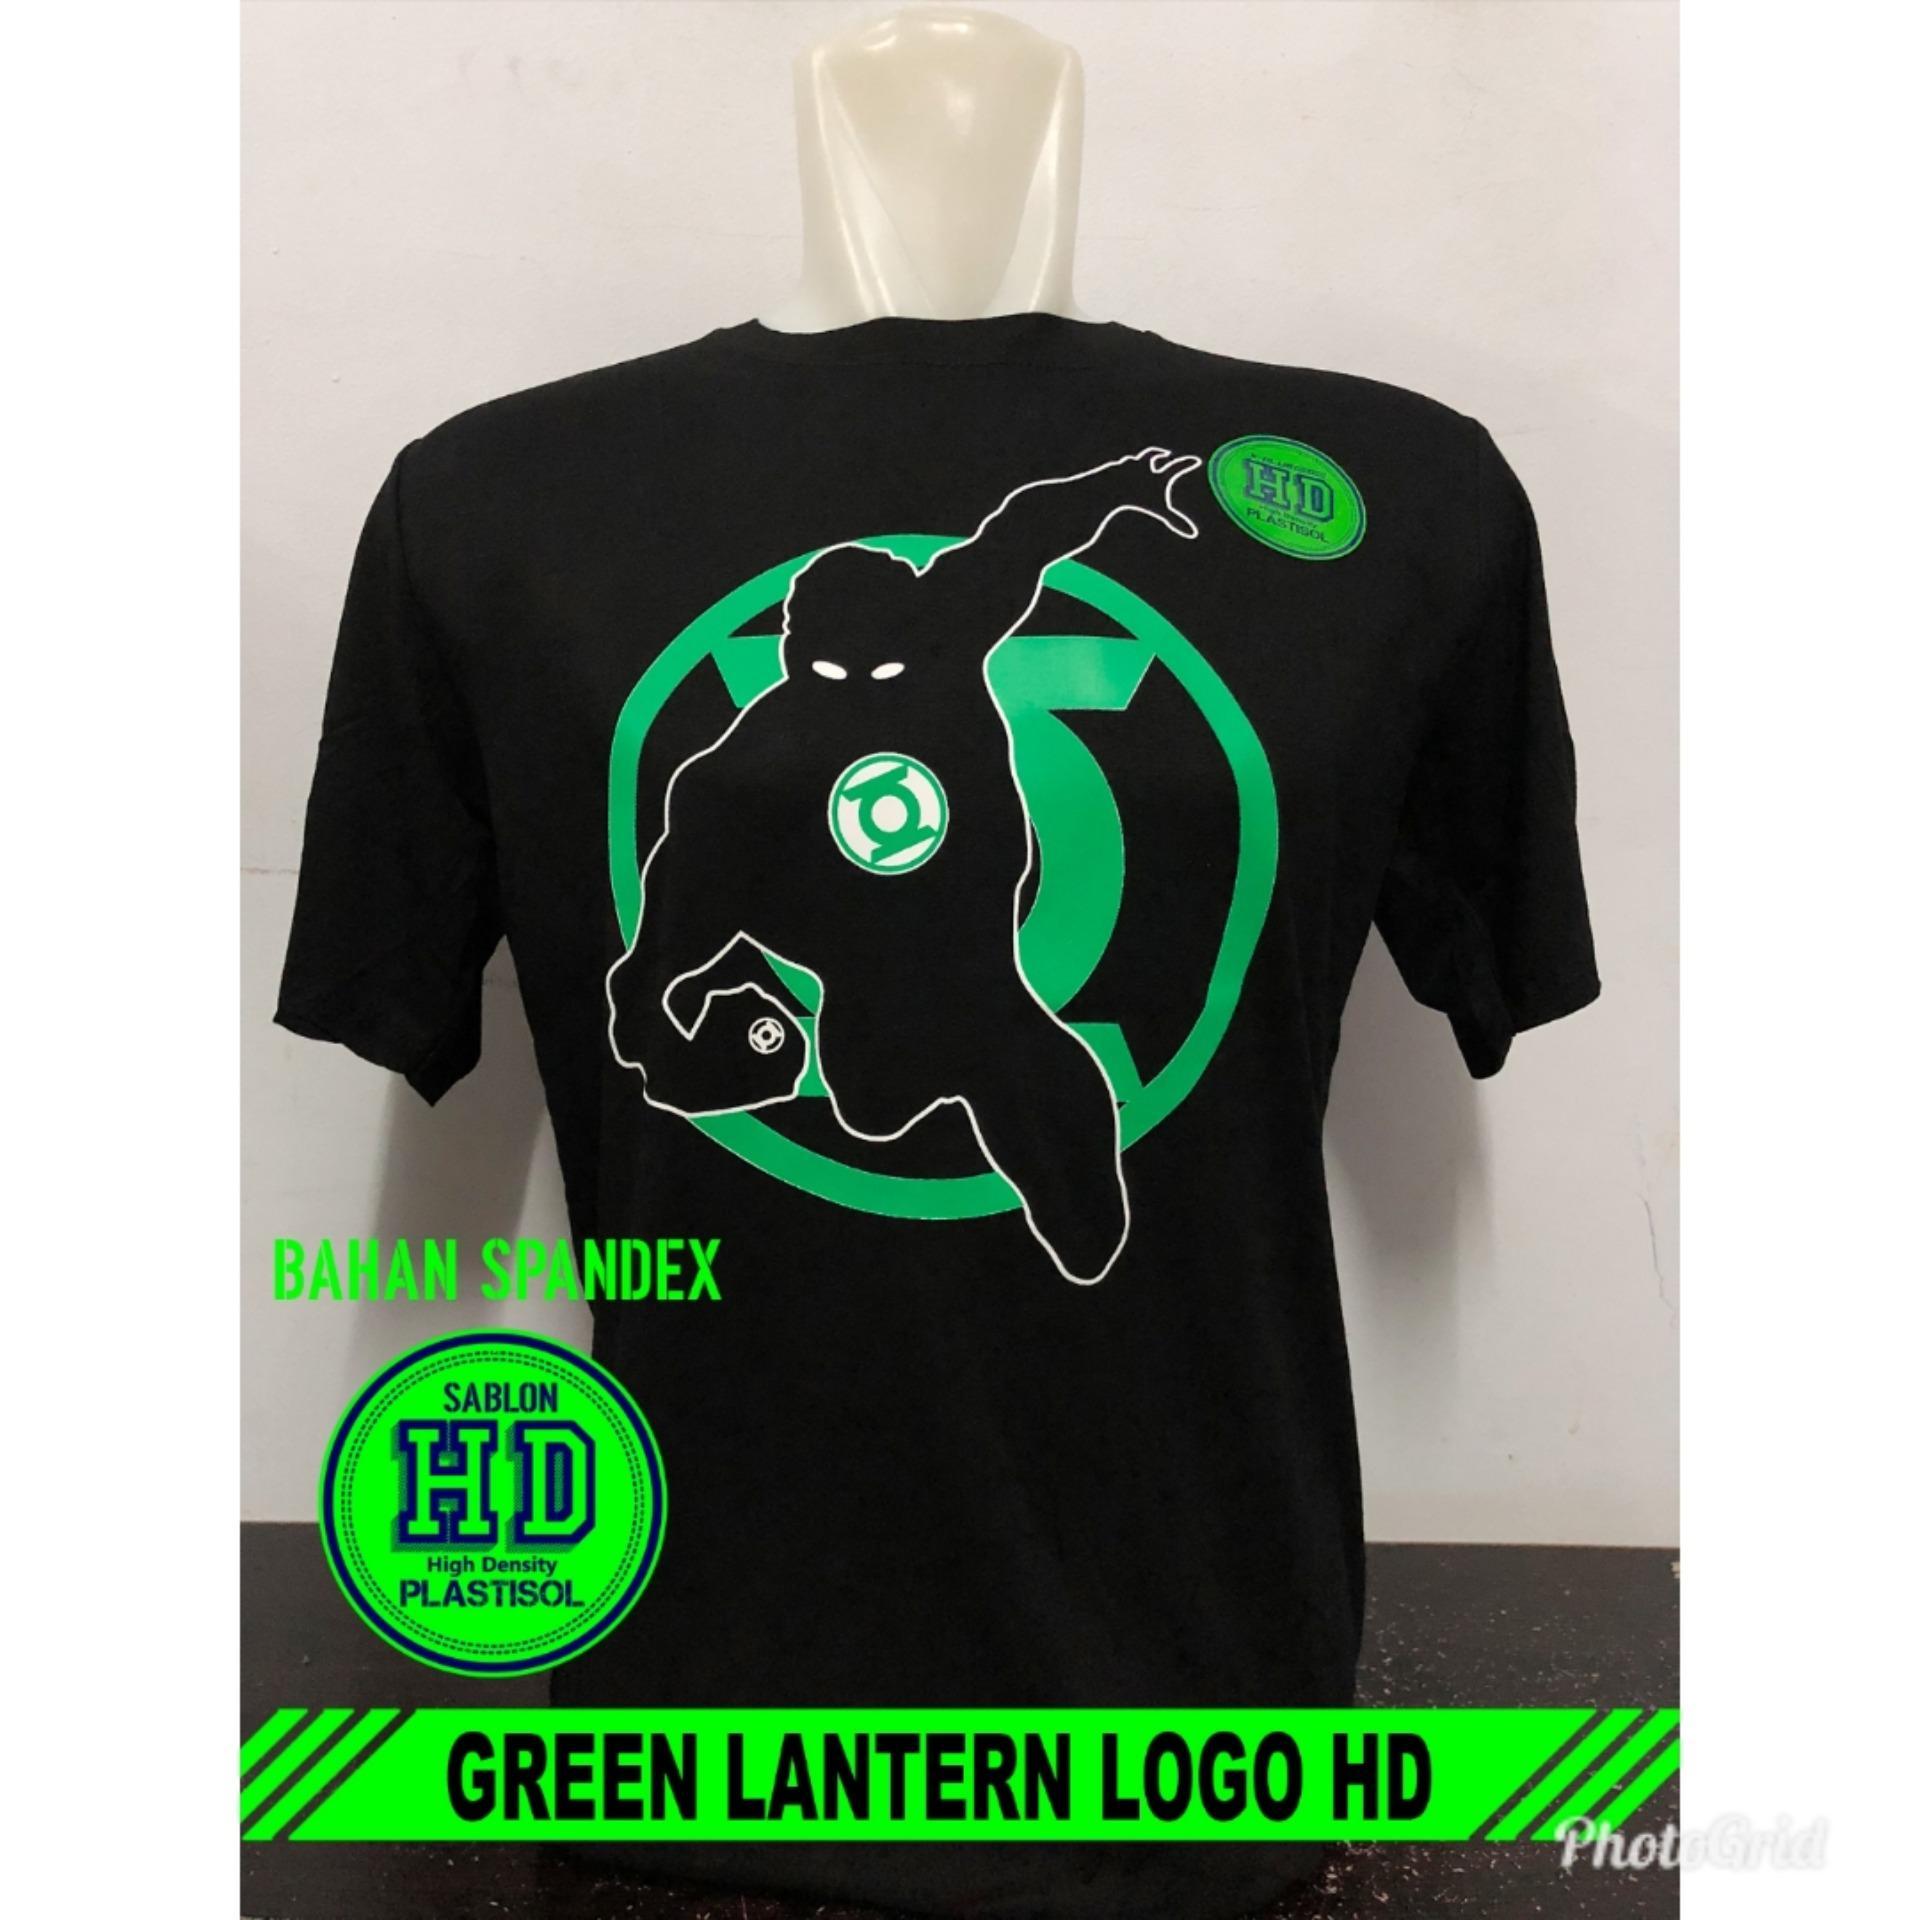 ... Gracestore Kaos T shirt Distro Premium Green Lantern Logo Hd Hitam